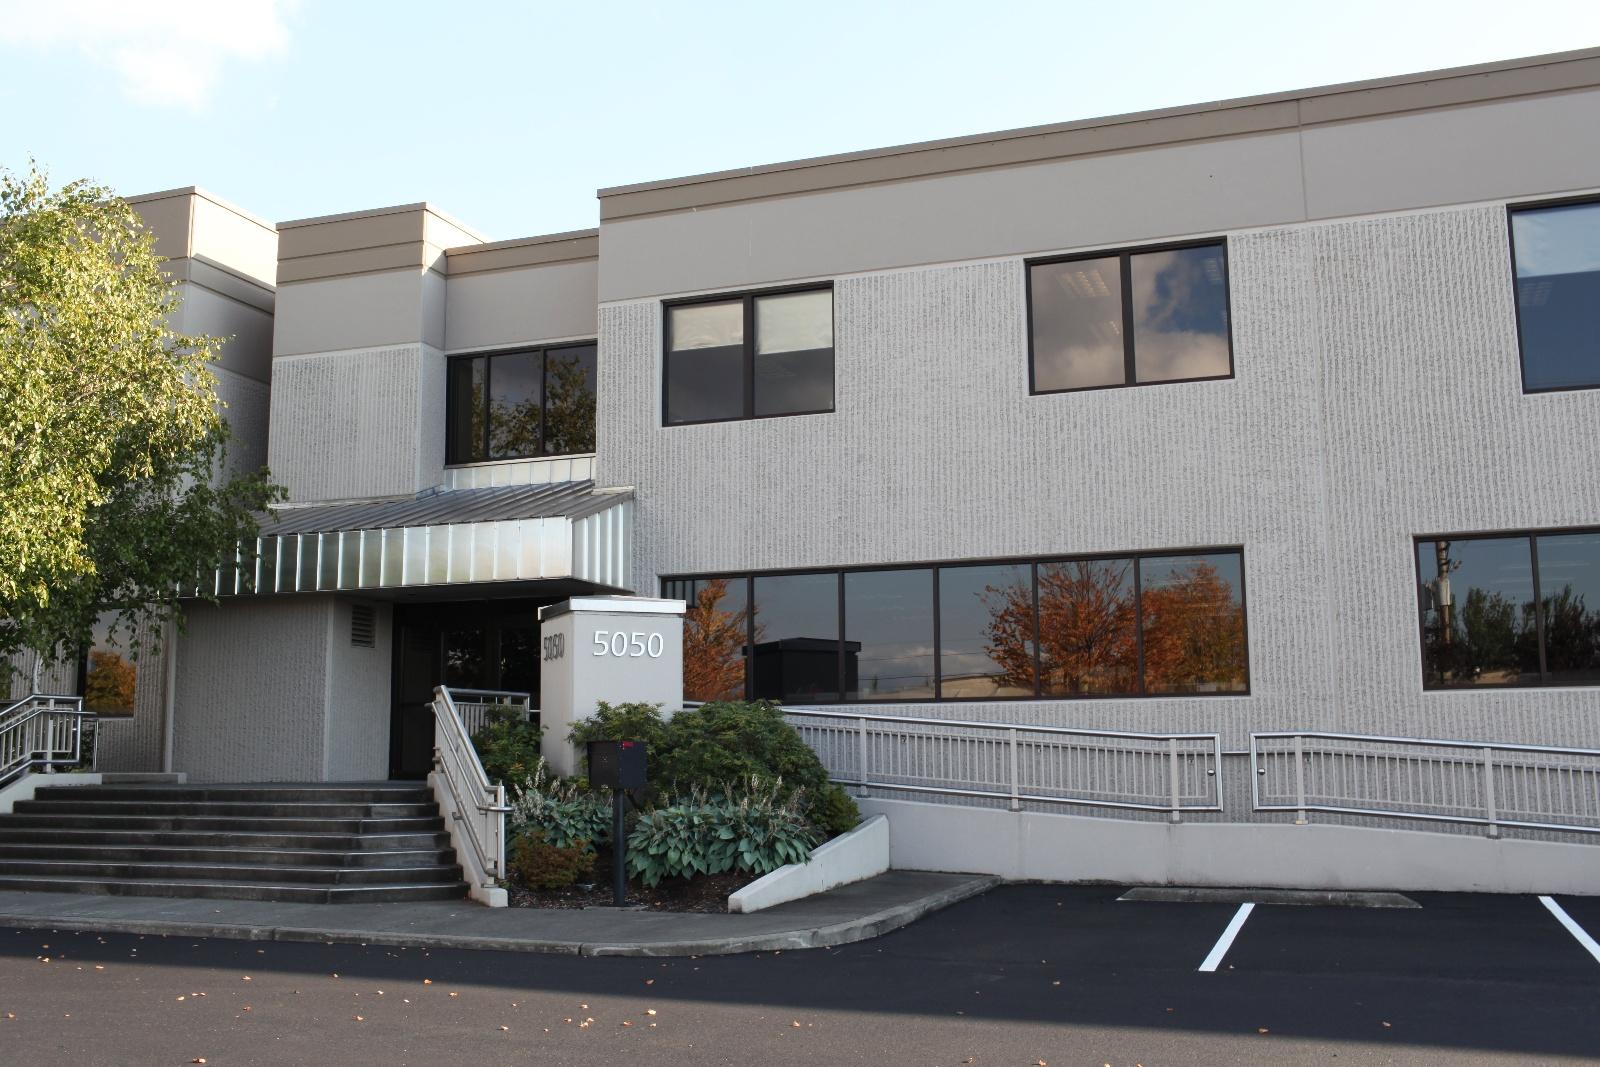 Continuant Fife Headquarters